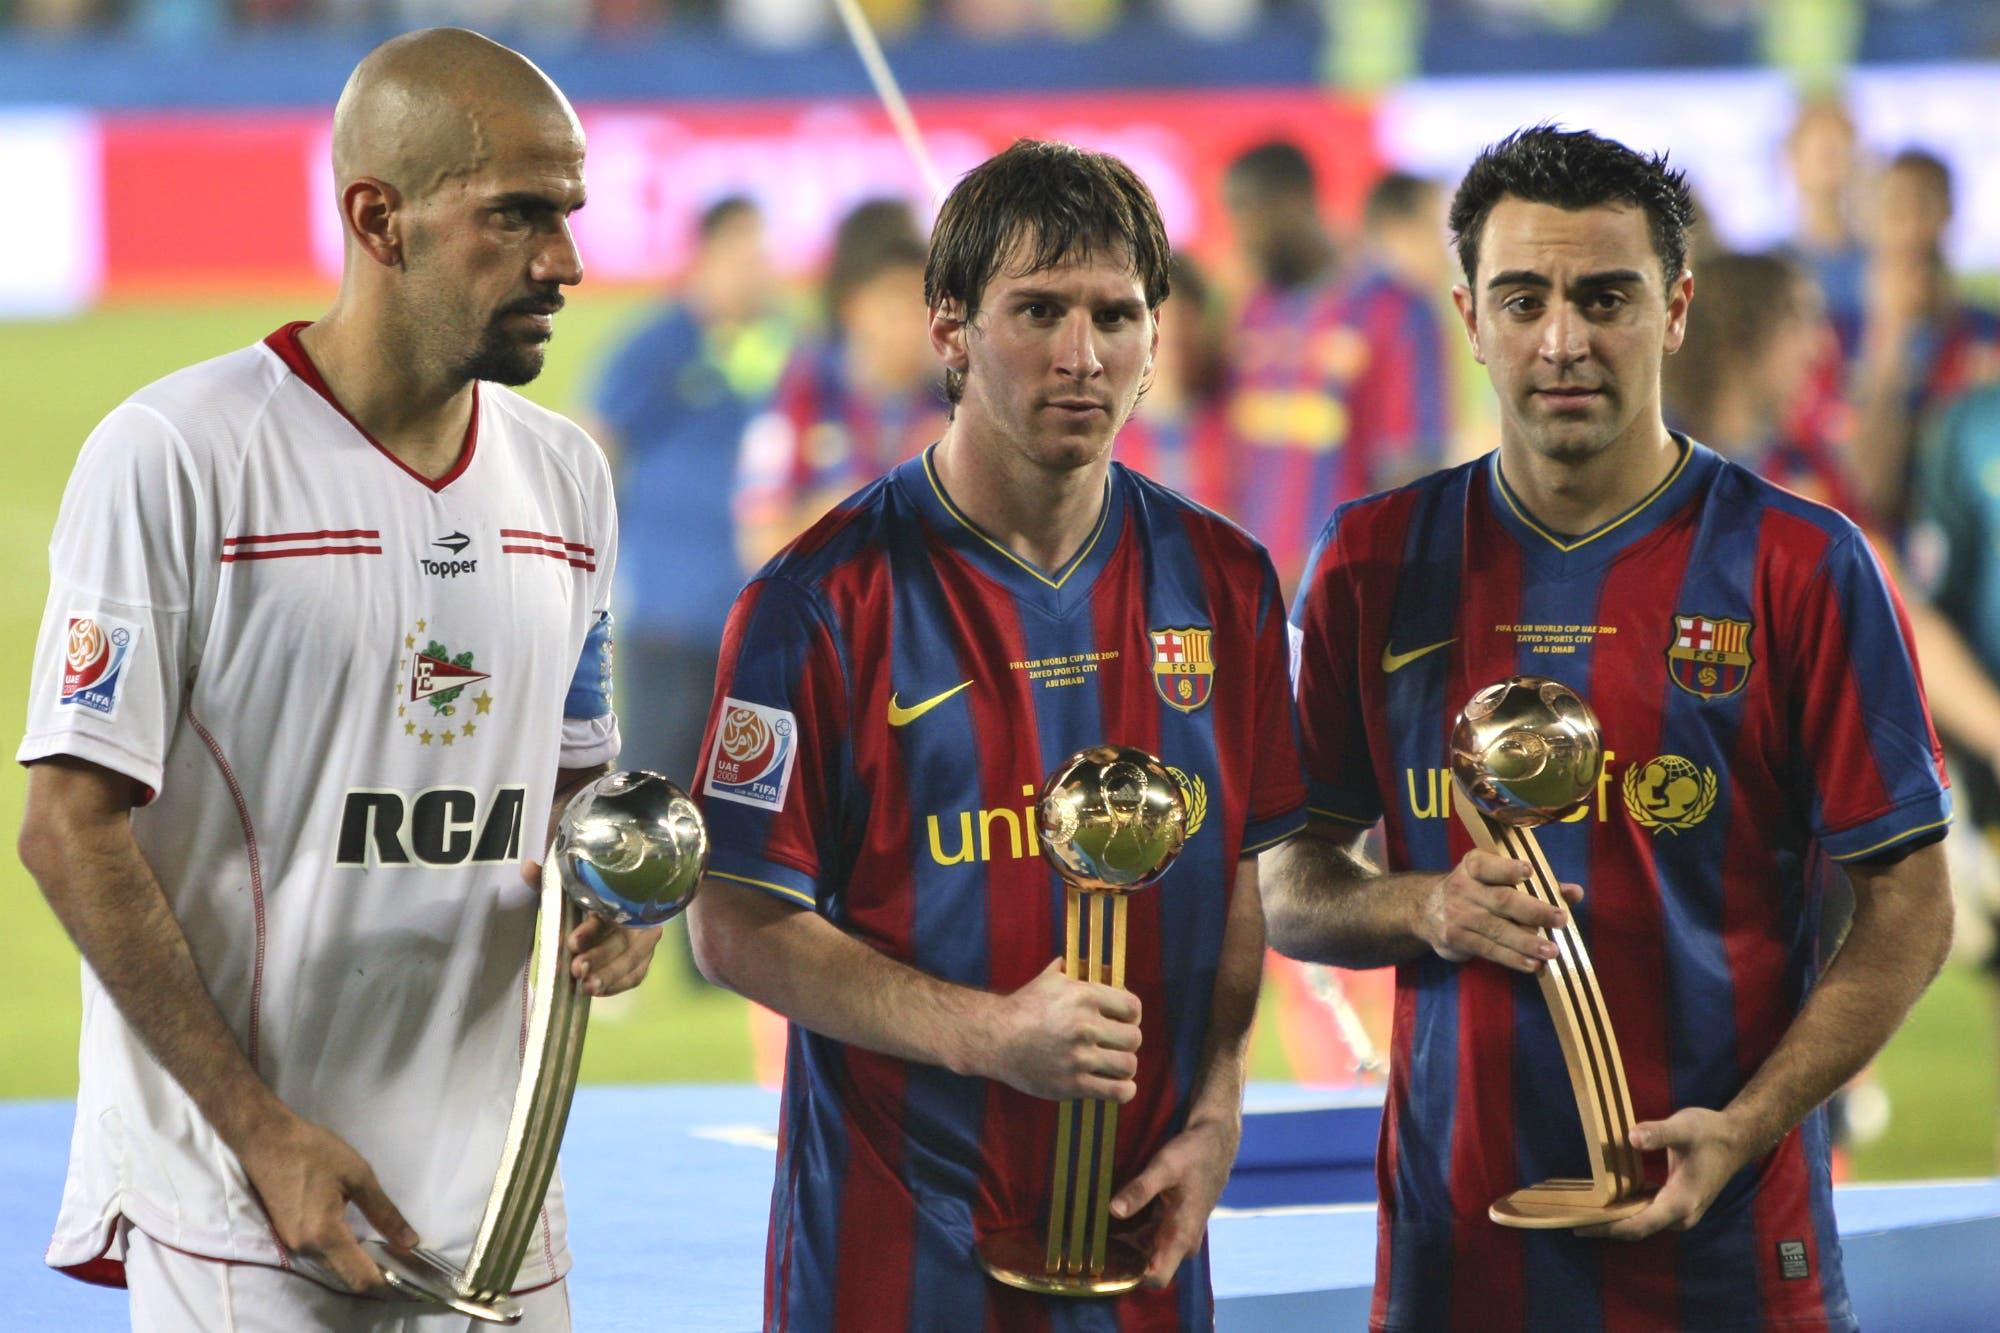 La maldición del Mundial de Clubes: las cinco decepciones del fútbol argentino